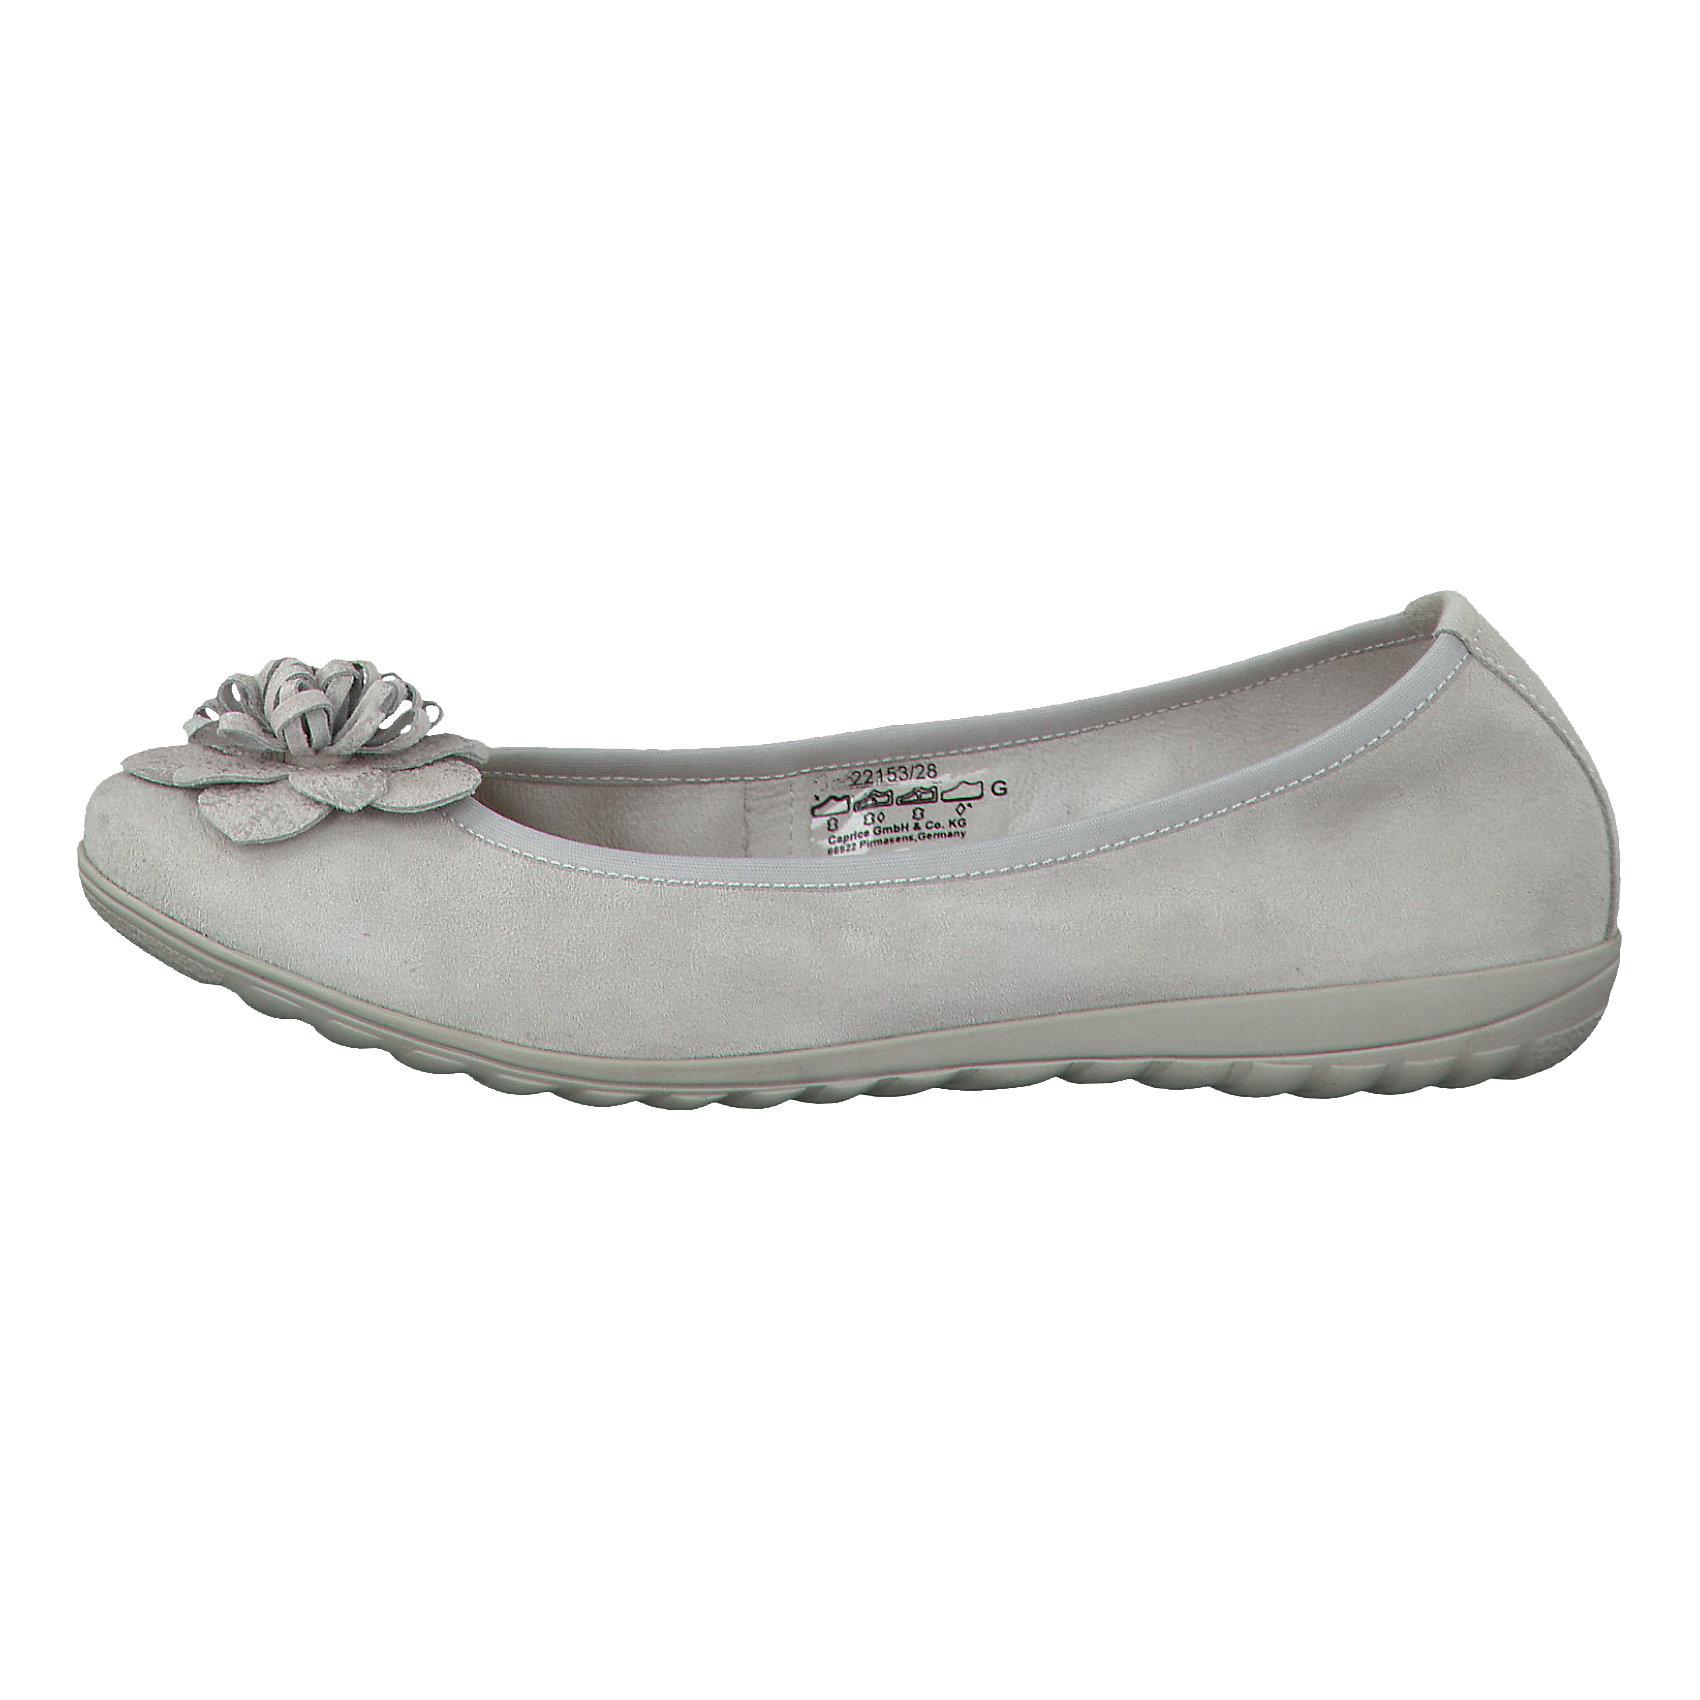 size 40 b09c7 8bfb0 Details zu Neu CAPRICE Anna Ballerinas 5770114 für Damen grau